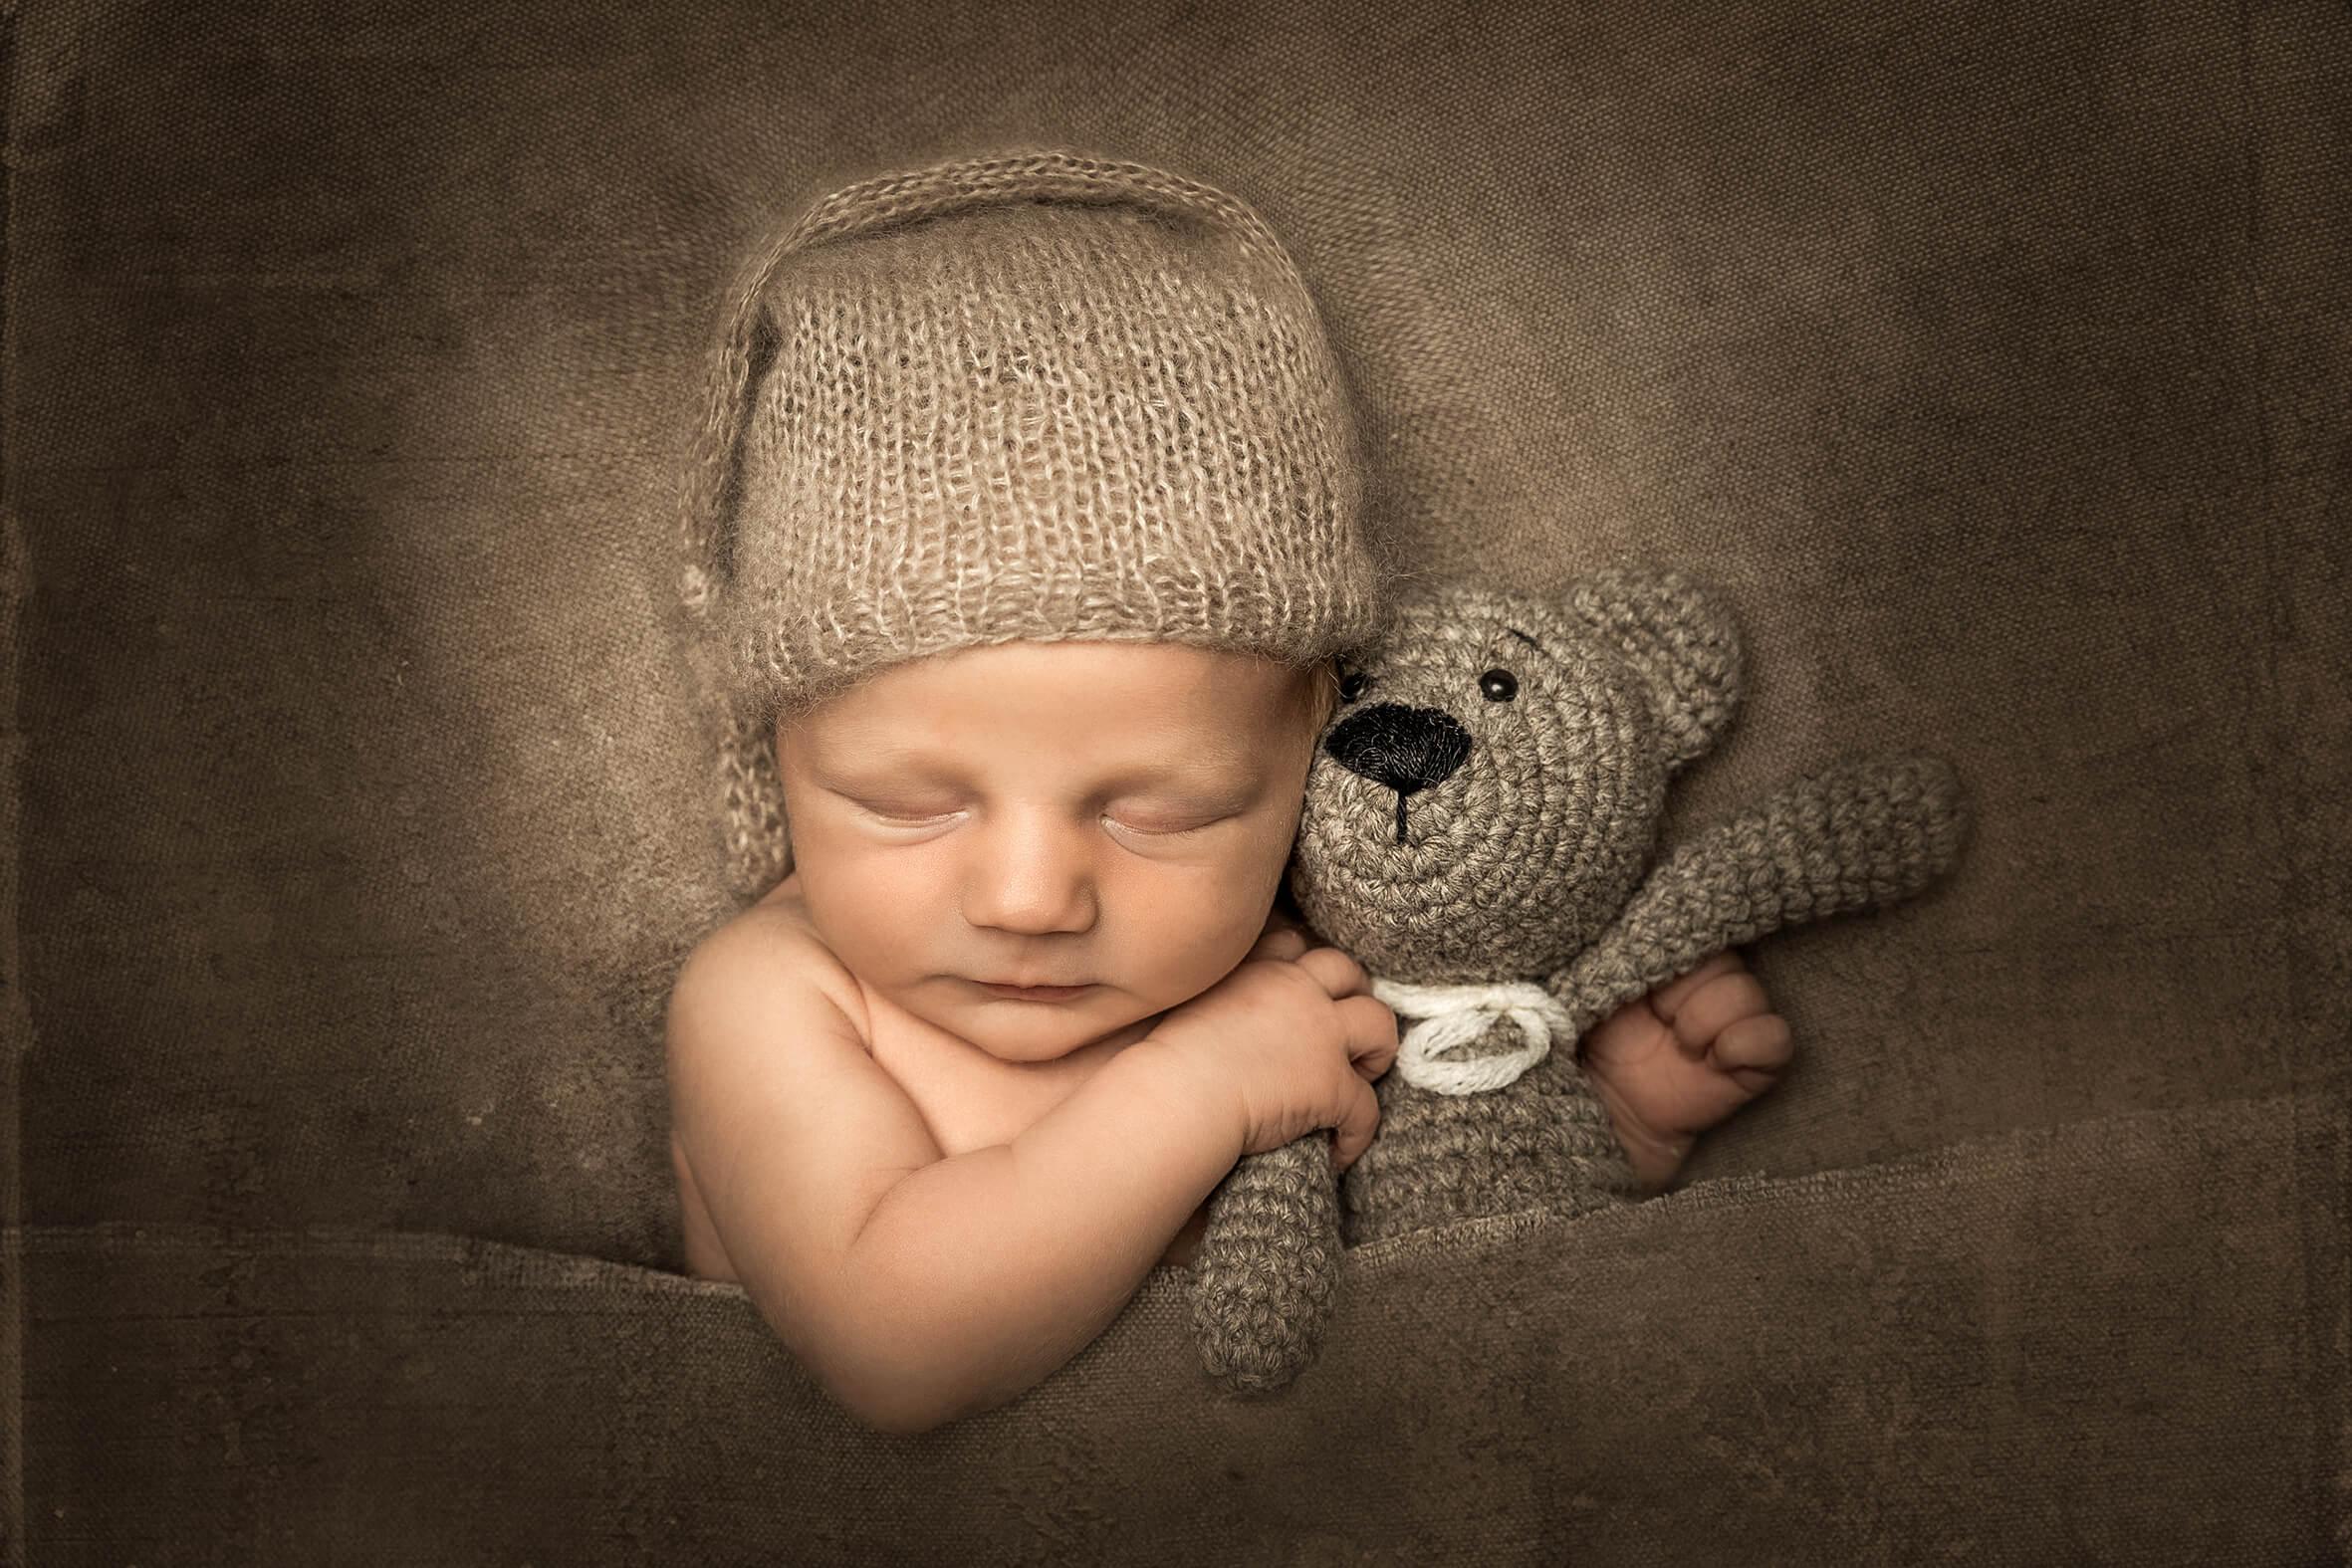 Strickmütze Babyfoto und Teddybär